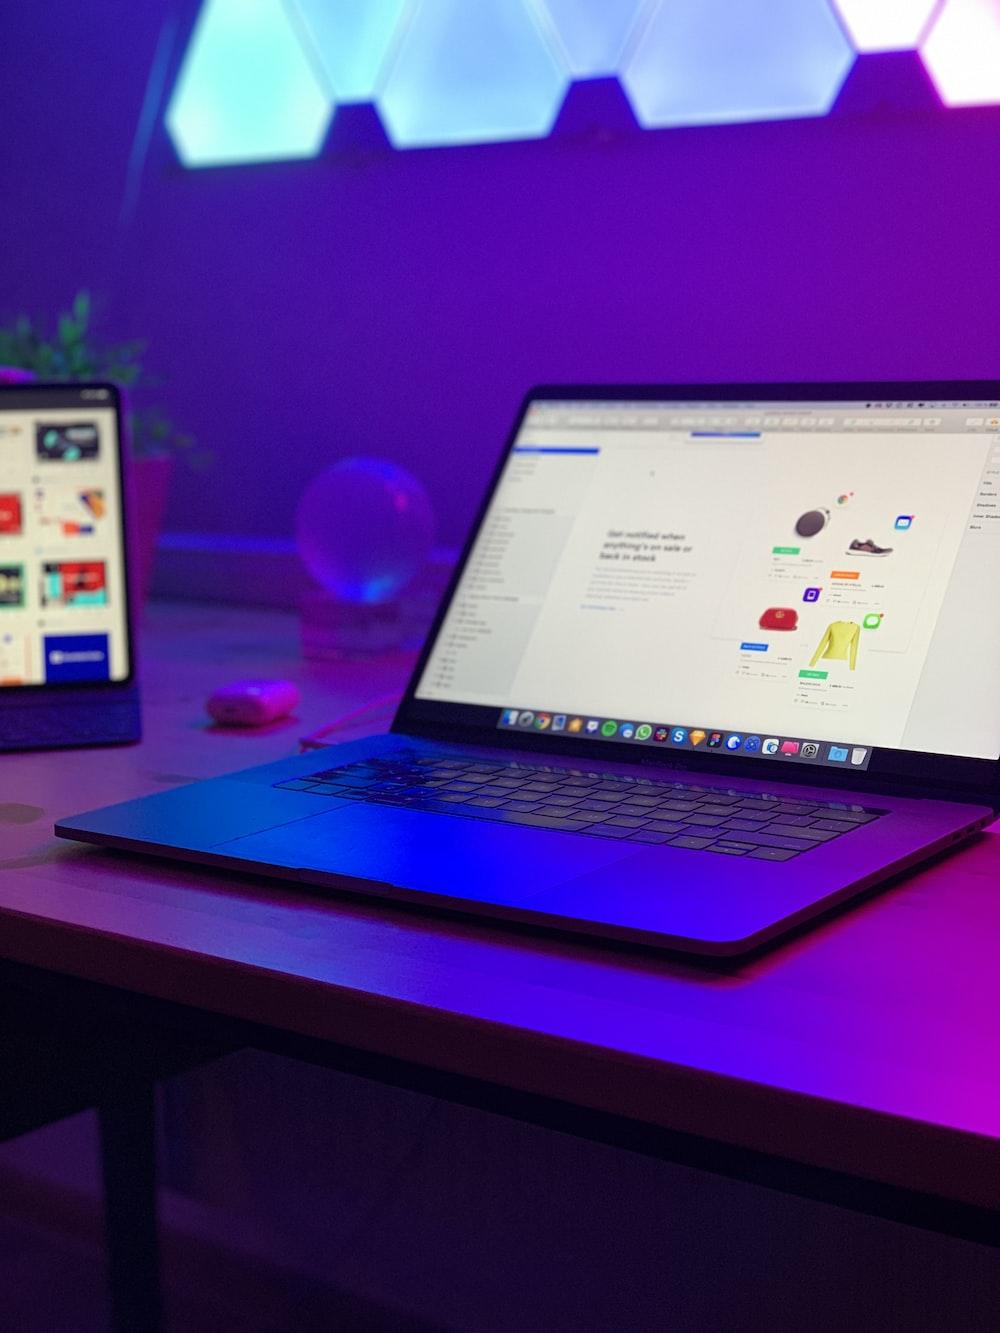 turned-on laptop on desk